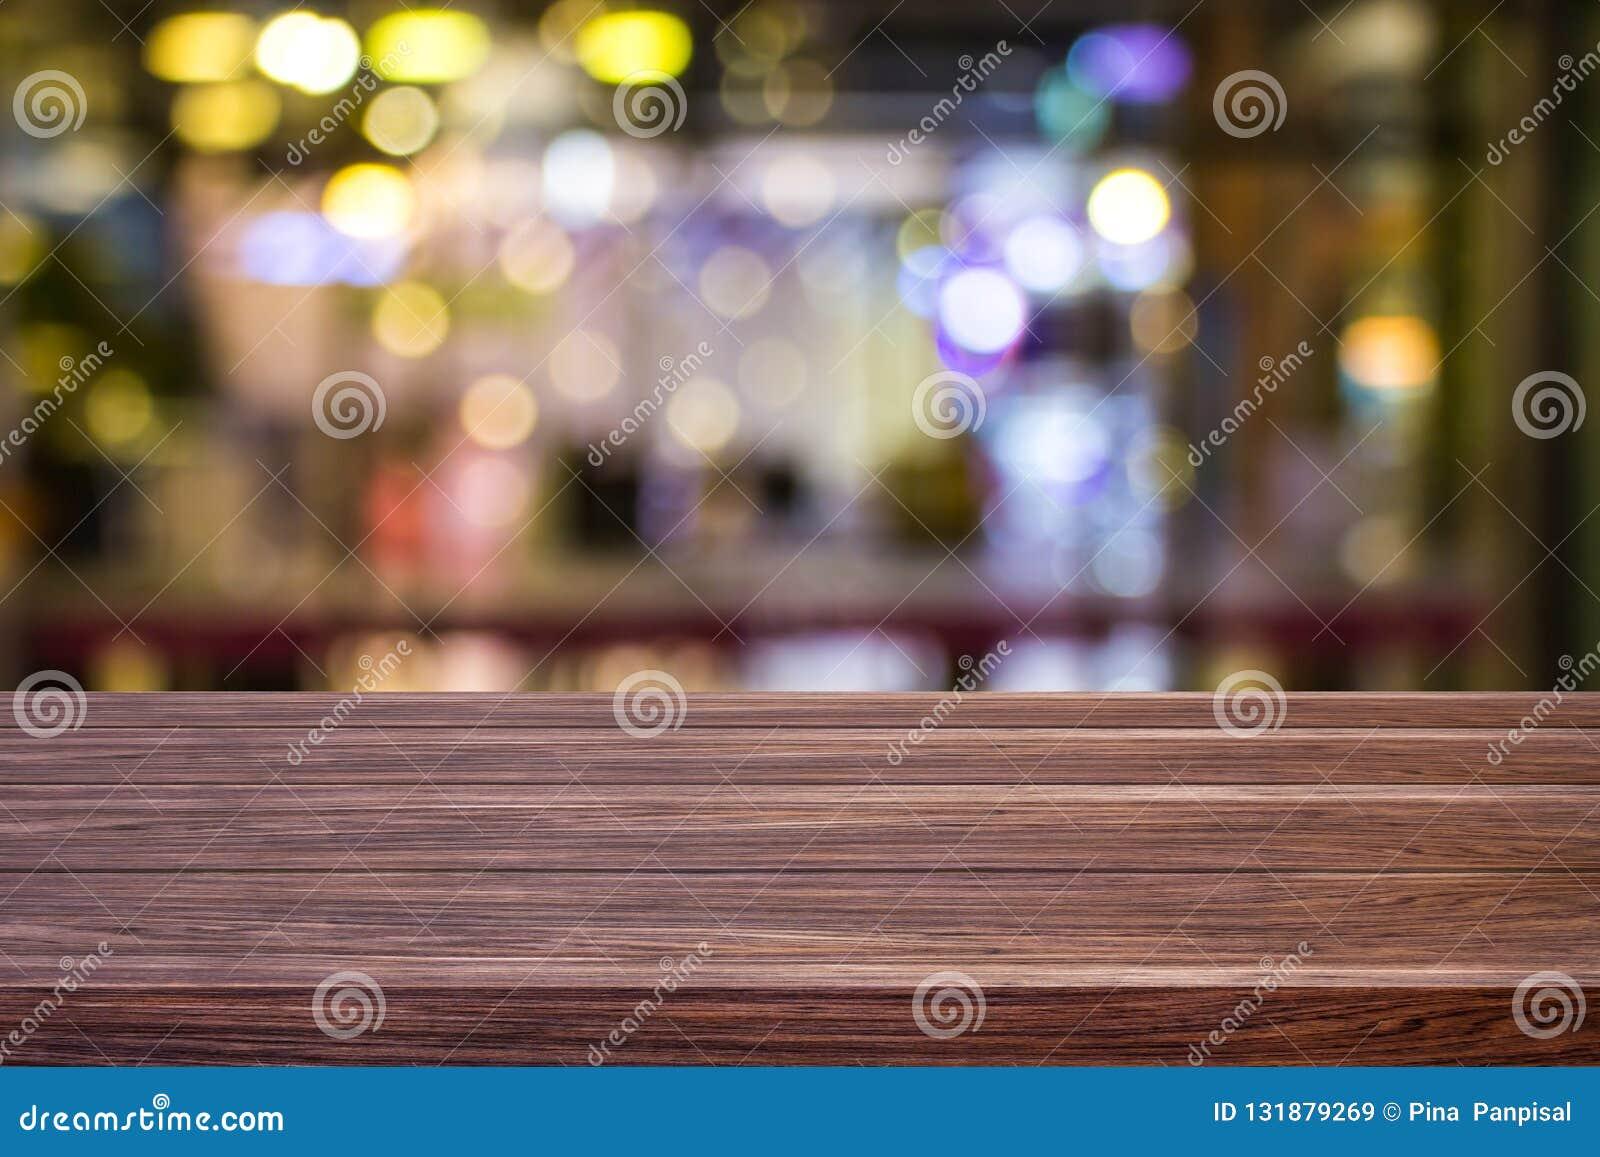 迷离咖啡馆餐馆或咖啡馆空黑暗的木桌有蒙太奇产品的被弄脏的轻的金bokeh抽象背景